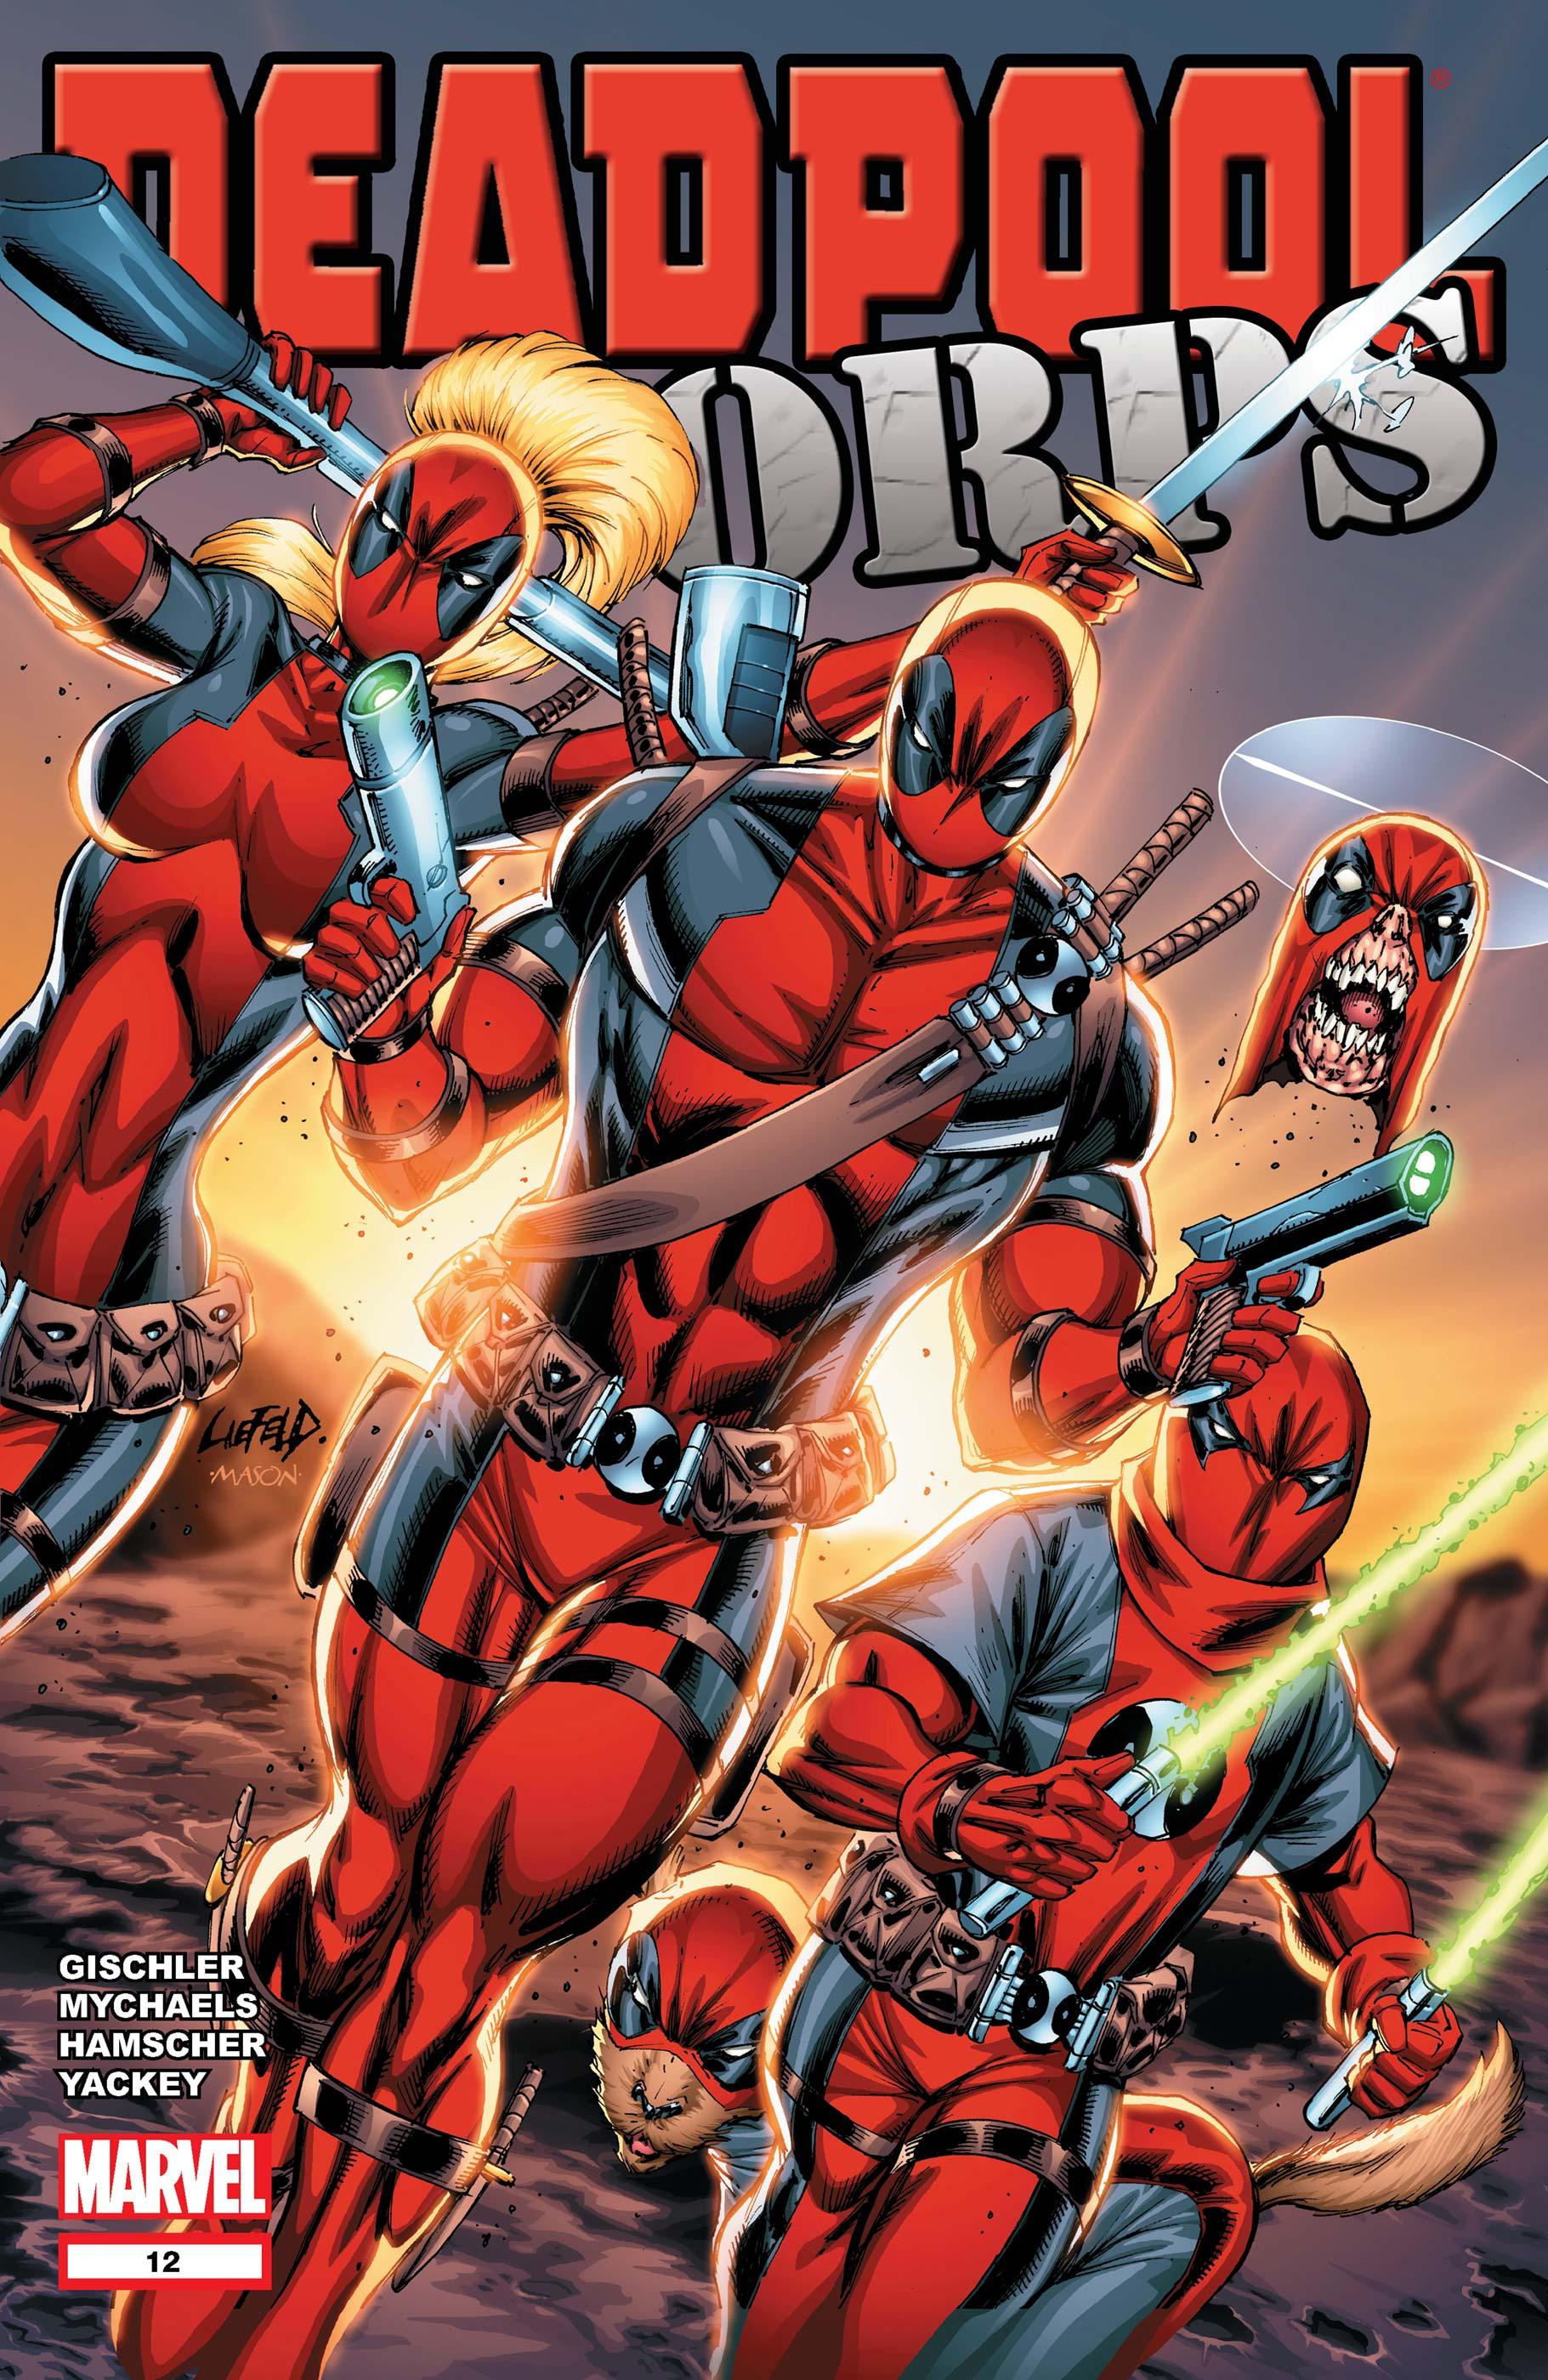 Deadpool Corps (2010) #12